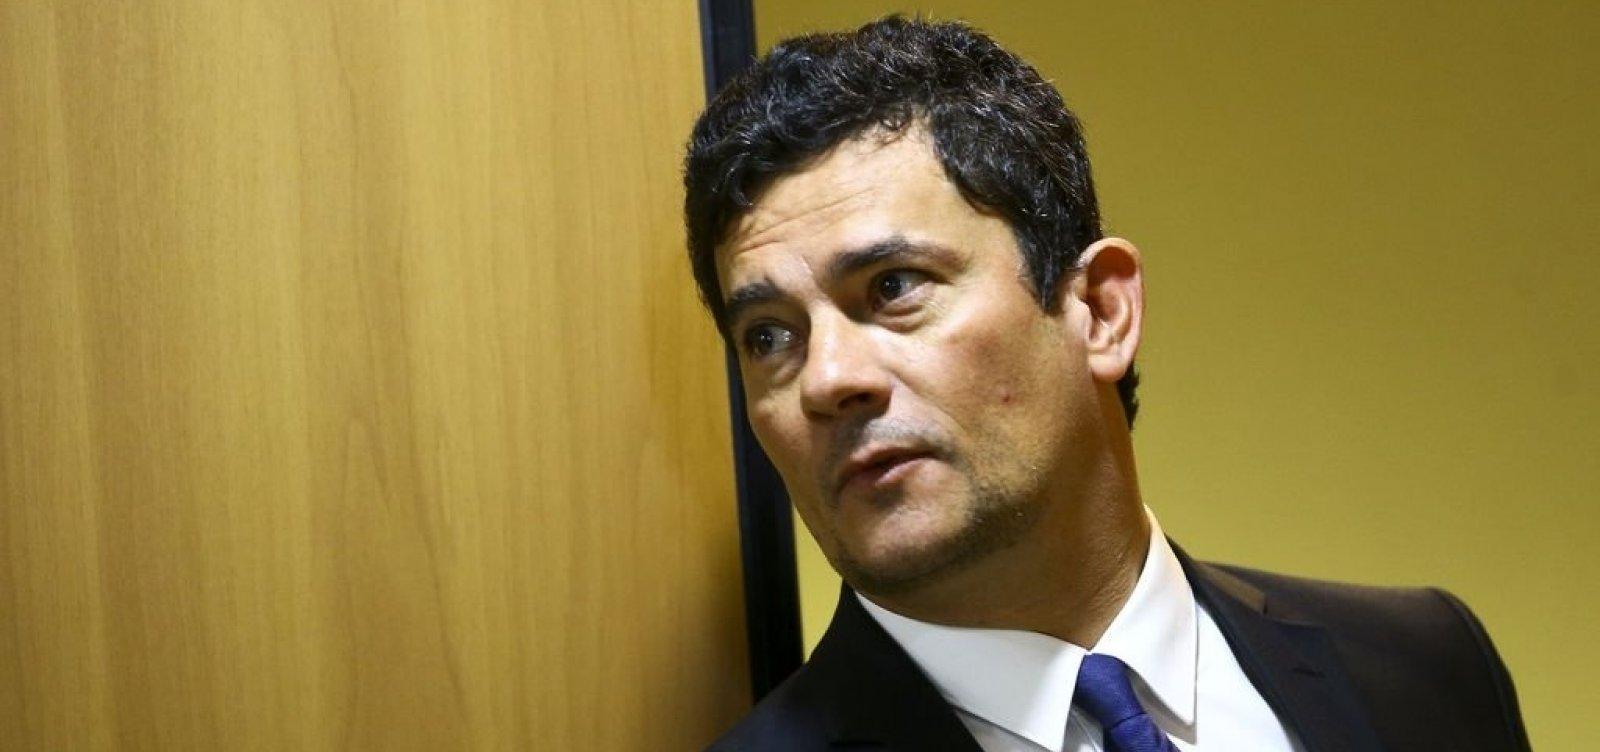 [Moro se junta a Guedes e Mandetta em oposição a Bolsonaro]